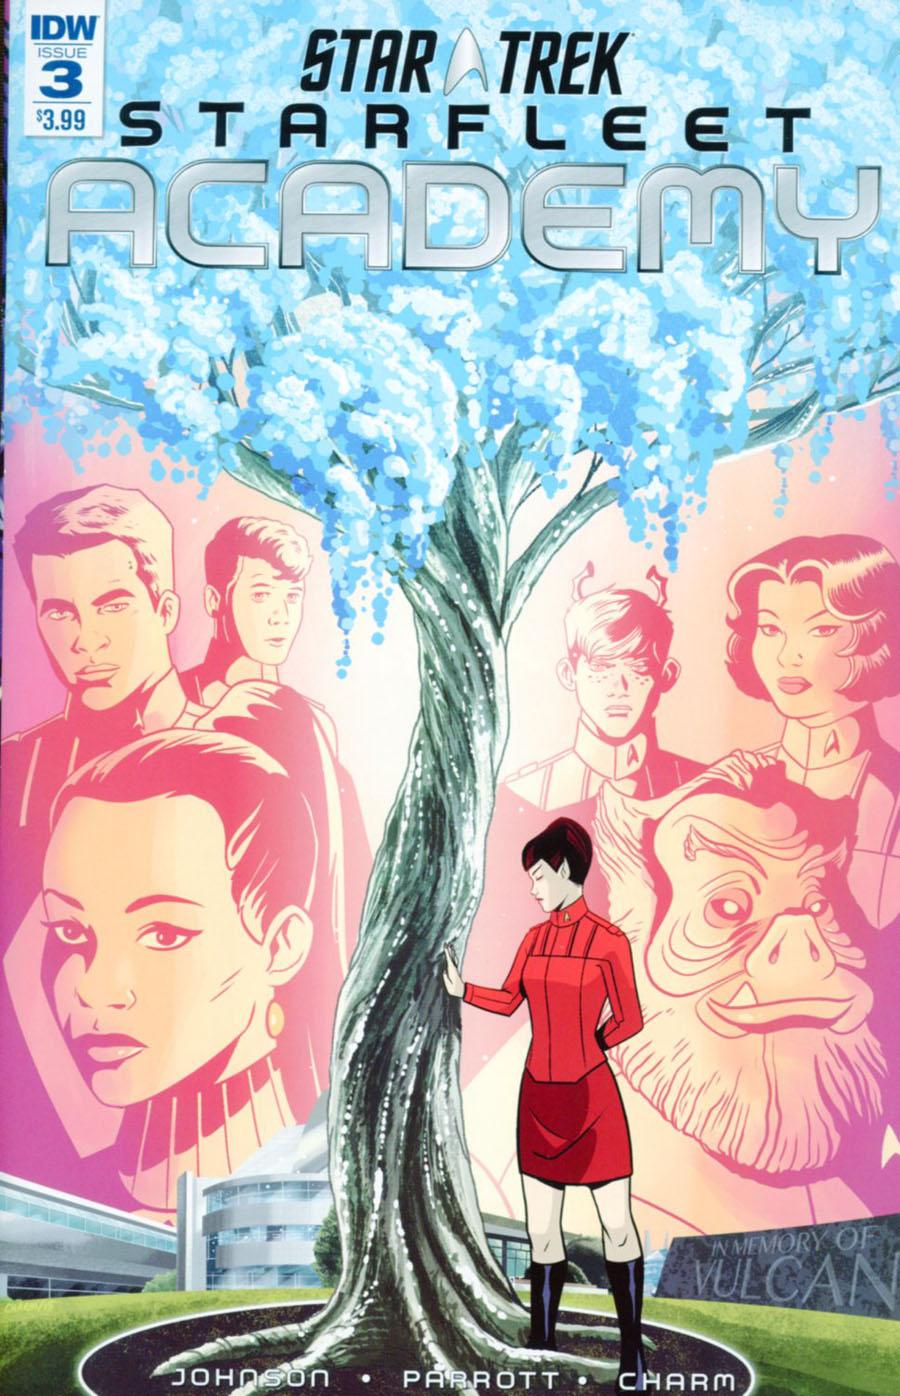 Star Trek Starfleet Academy (IDW) #3 Cover A Regular Derek Charm Cover